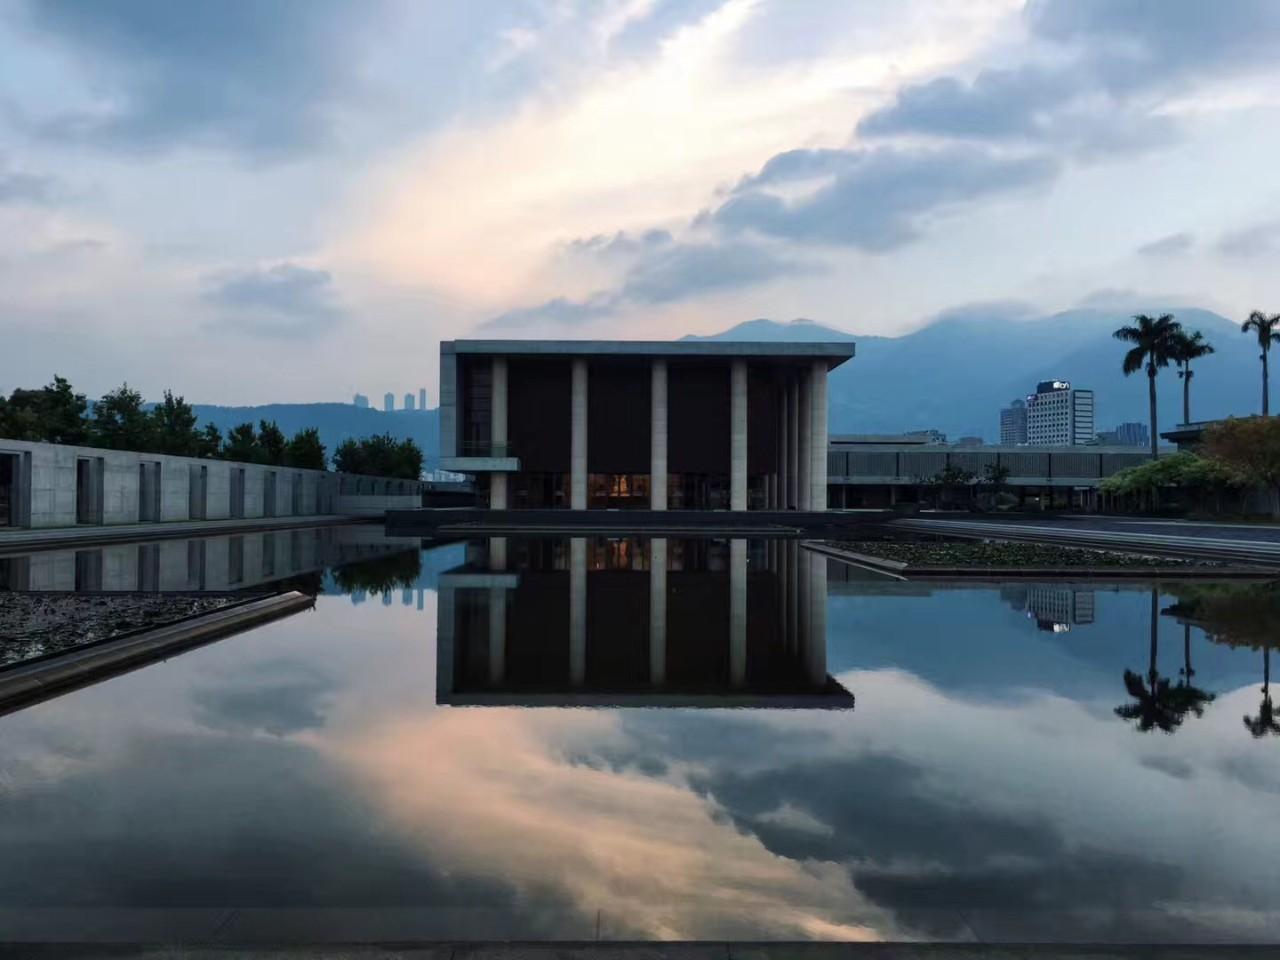 28000m²神秘寺庙-水月道场,吸引百万人朝拜